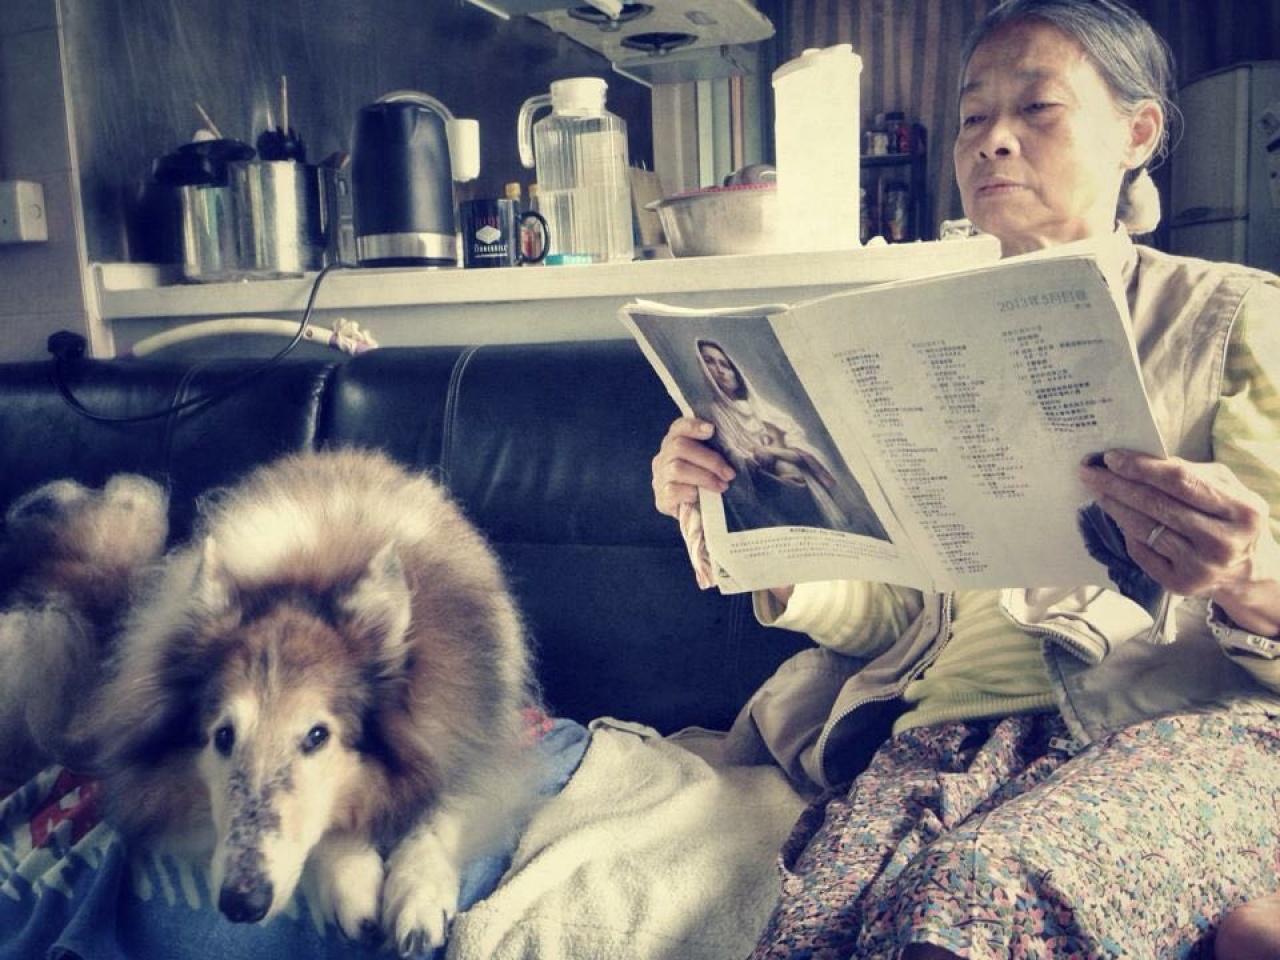 鄭婆婆表示,自己對小動物的感情,是與生俱來,過去亦曾接受親戚棄養的狗隻。(受訪者提供)